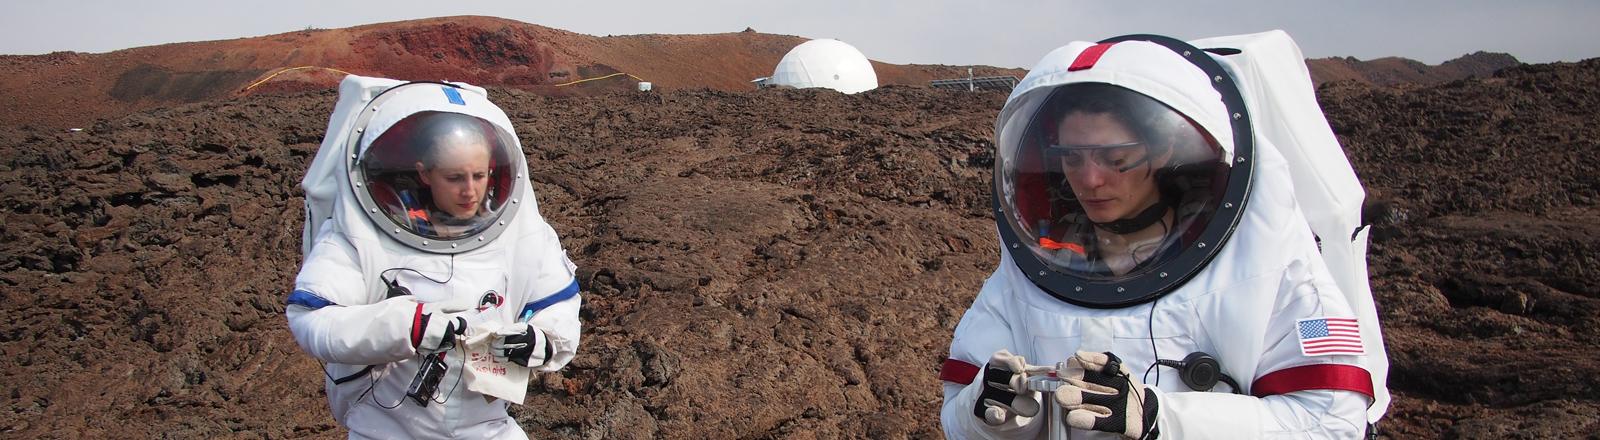 Während einer simulierten Marsmission auf Hawaii (USA) führt am 02.05.2014 DLR-Wissenschaftlerin Lucie Poulet (r) auch geologische Experimente durch. Dazu trug die Wissenschaftlerin einen Raumanzug, um die Simulation möglichst realitätsnah auszuführen.